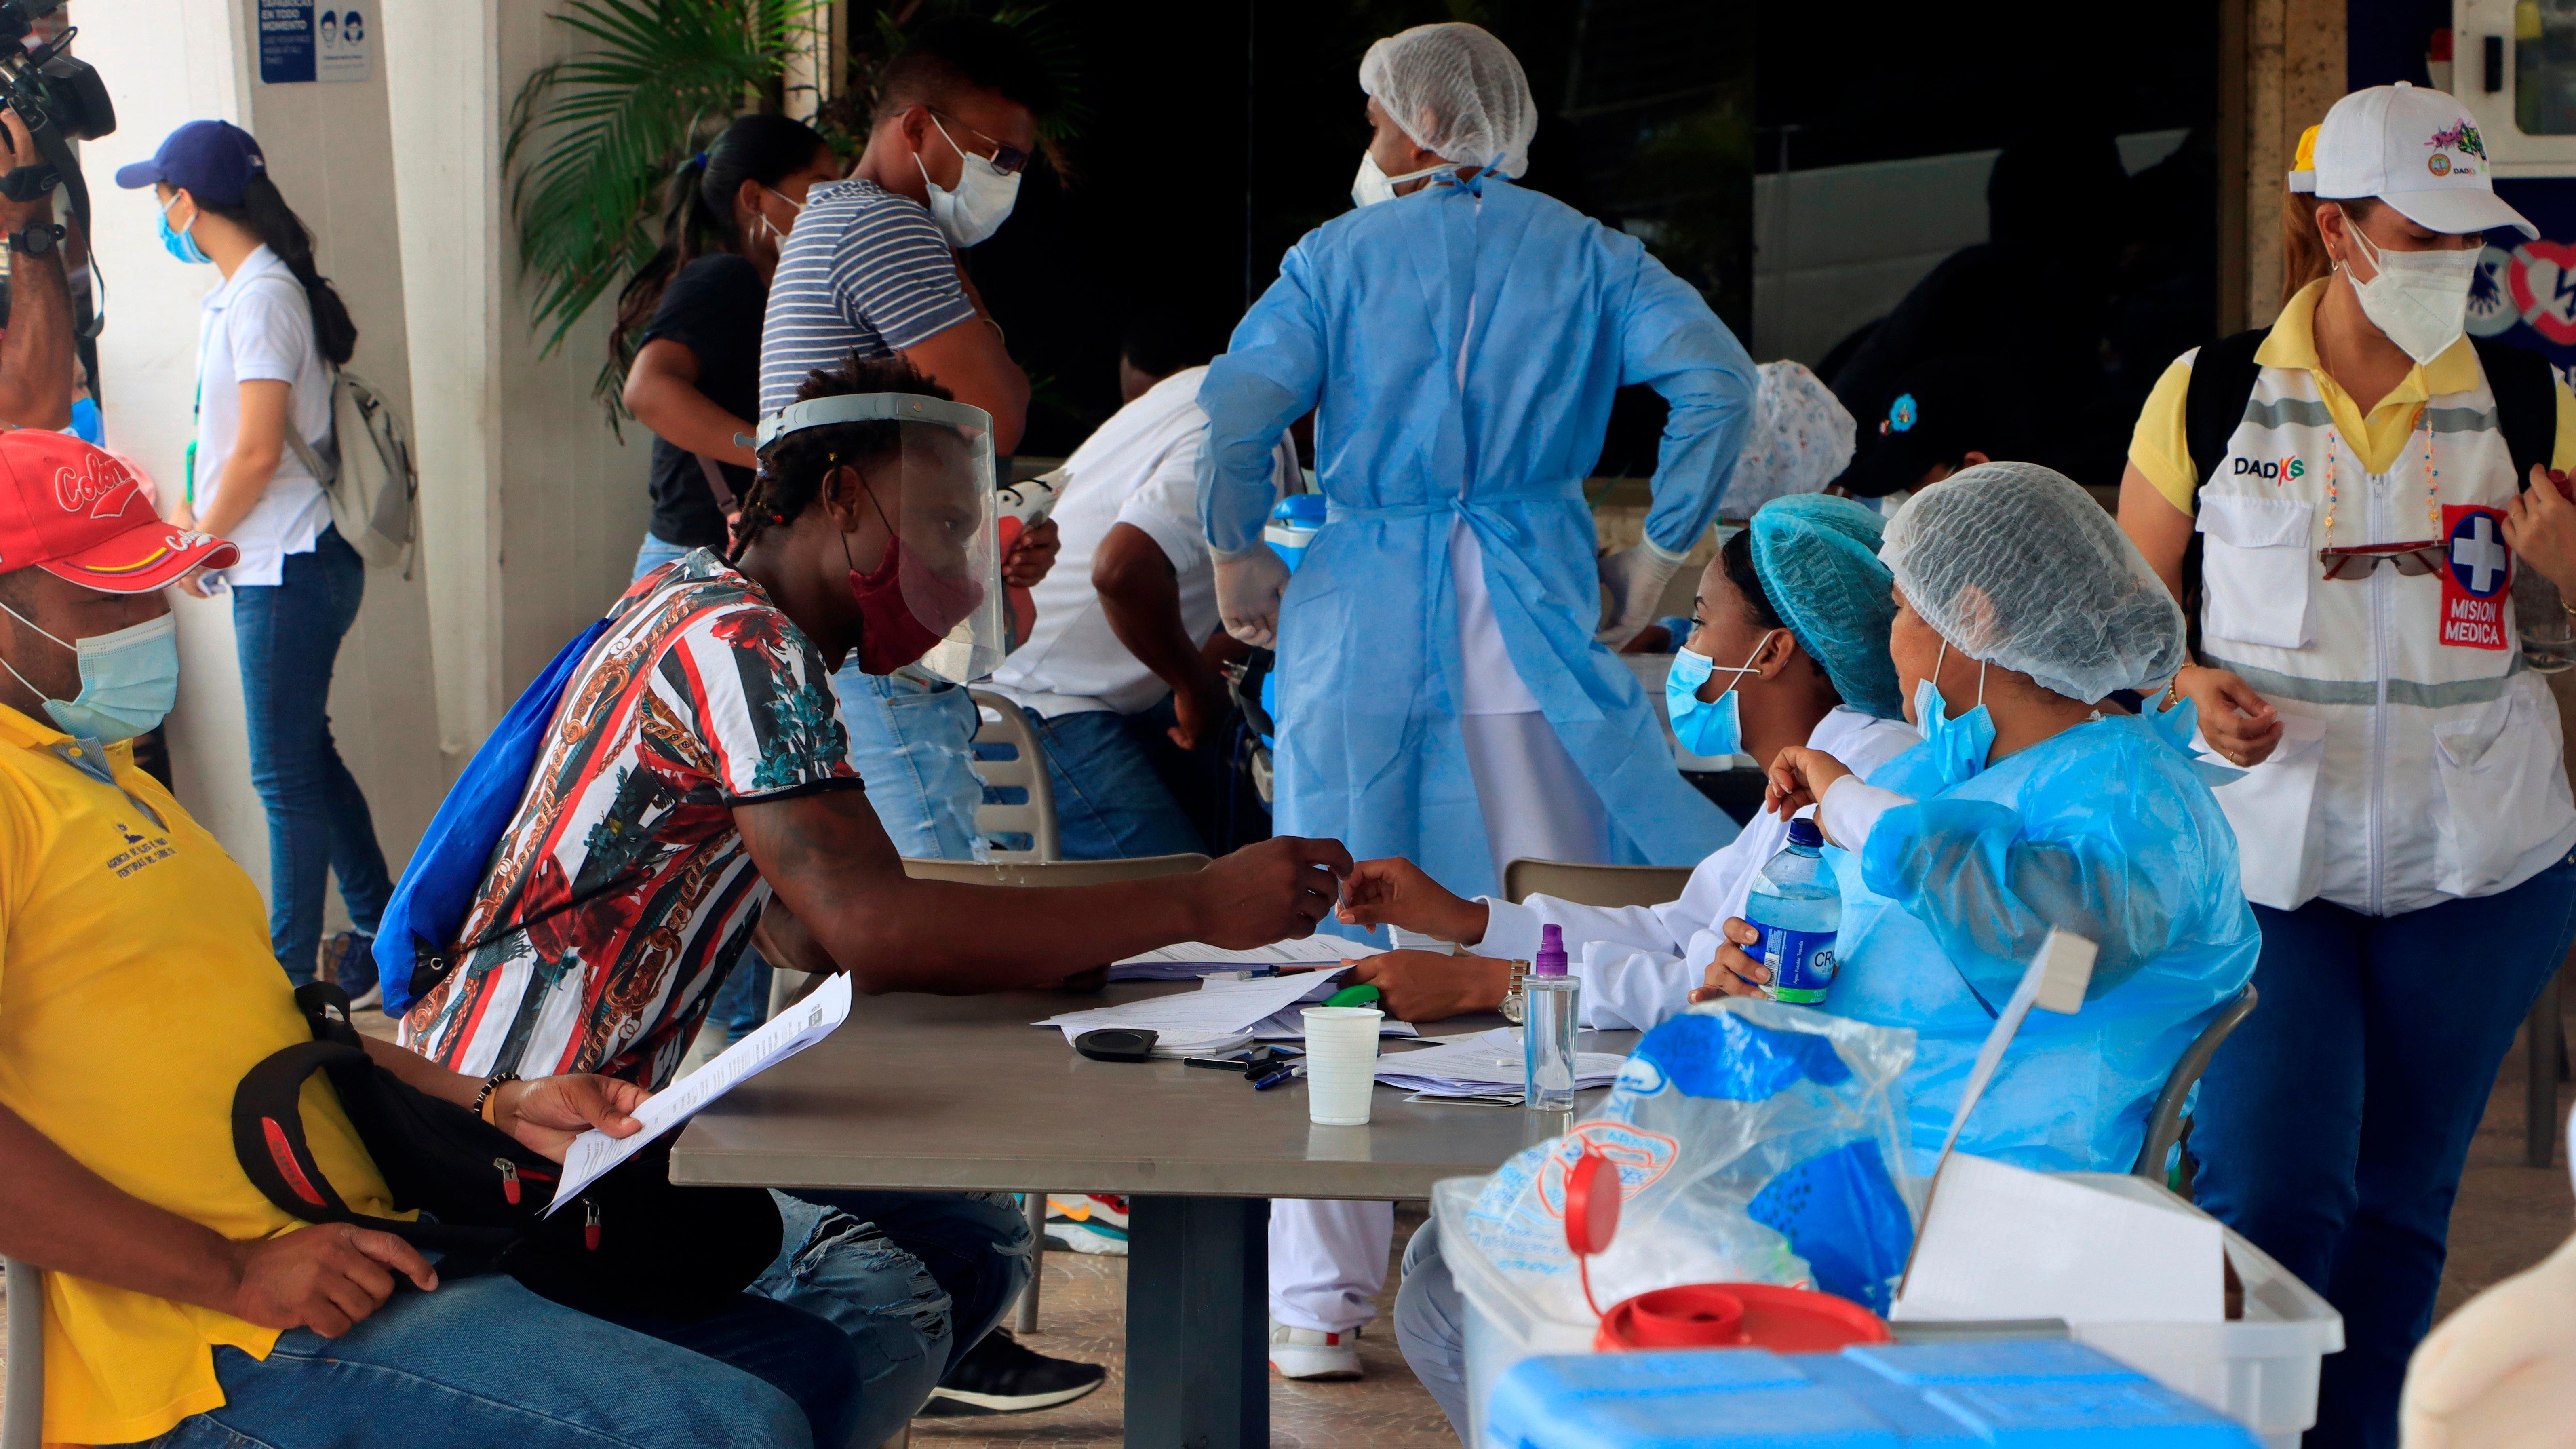 Varias personas acuden a recibir una dosis de la vacuna contra la COVID-19 en Cartagena (Colombia).